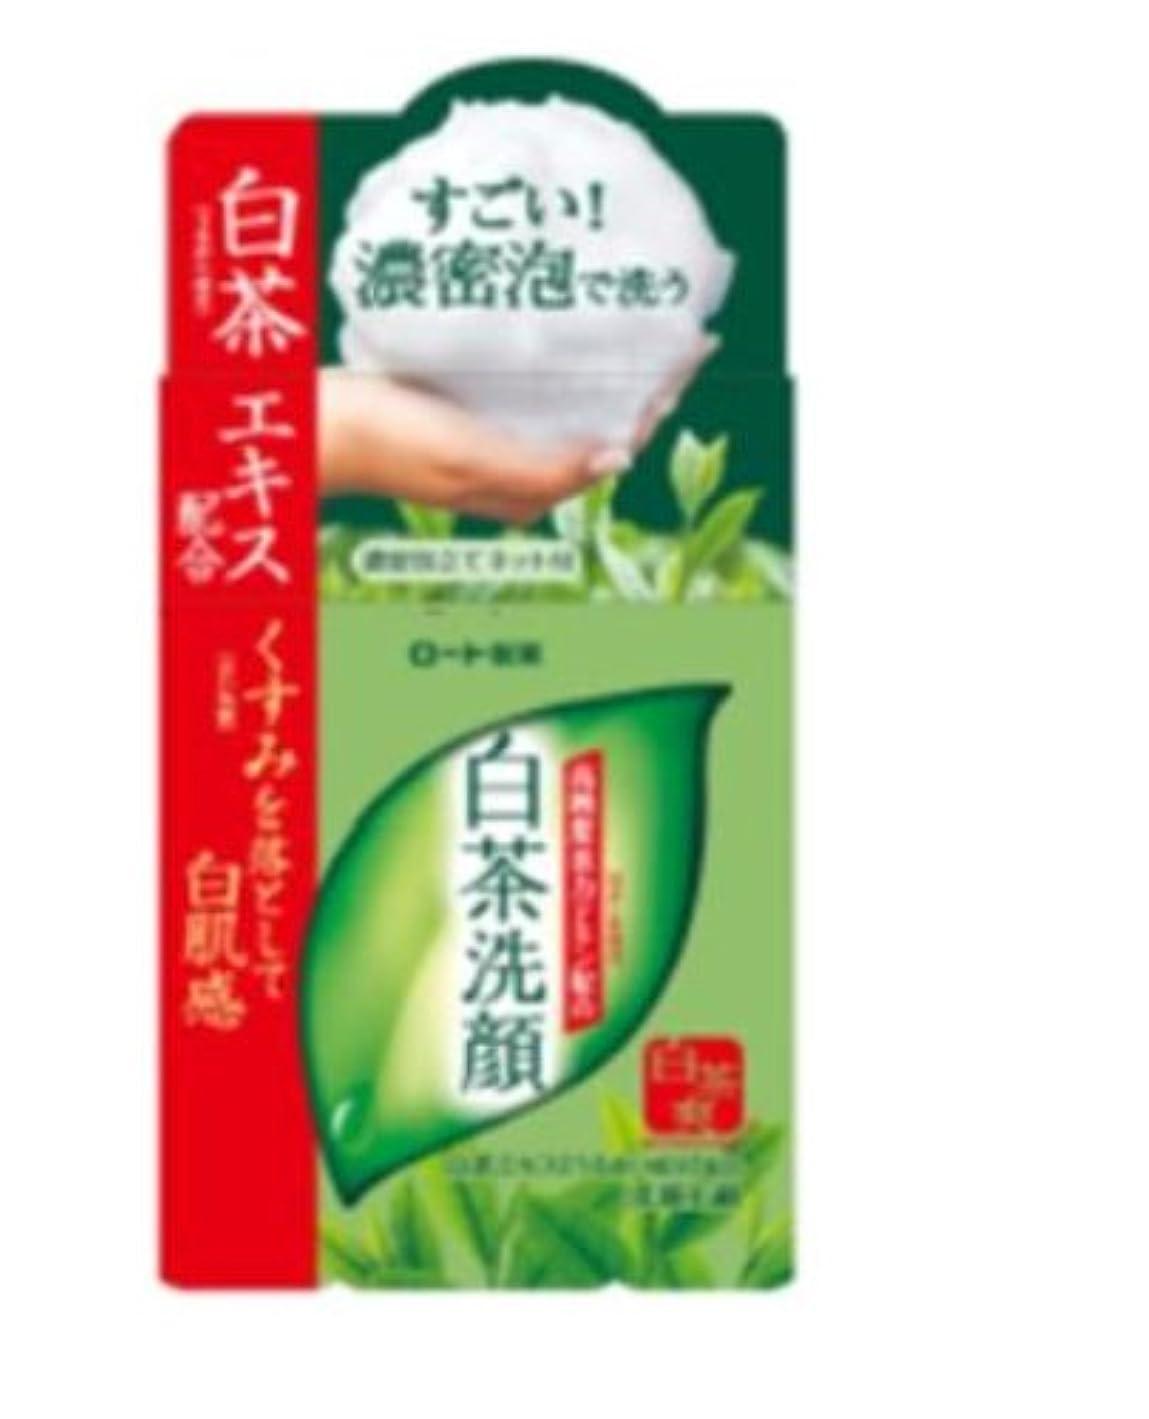 離れた集める前者ロート製薬 白茶爽 白茶洗顔石鹸 高純度茶カテキン配合 濃密泡立てネット付 85g